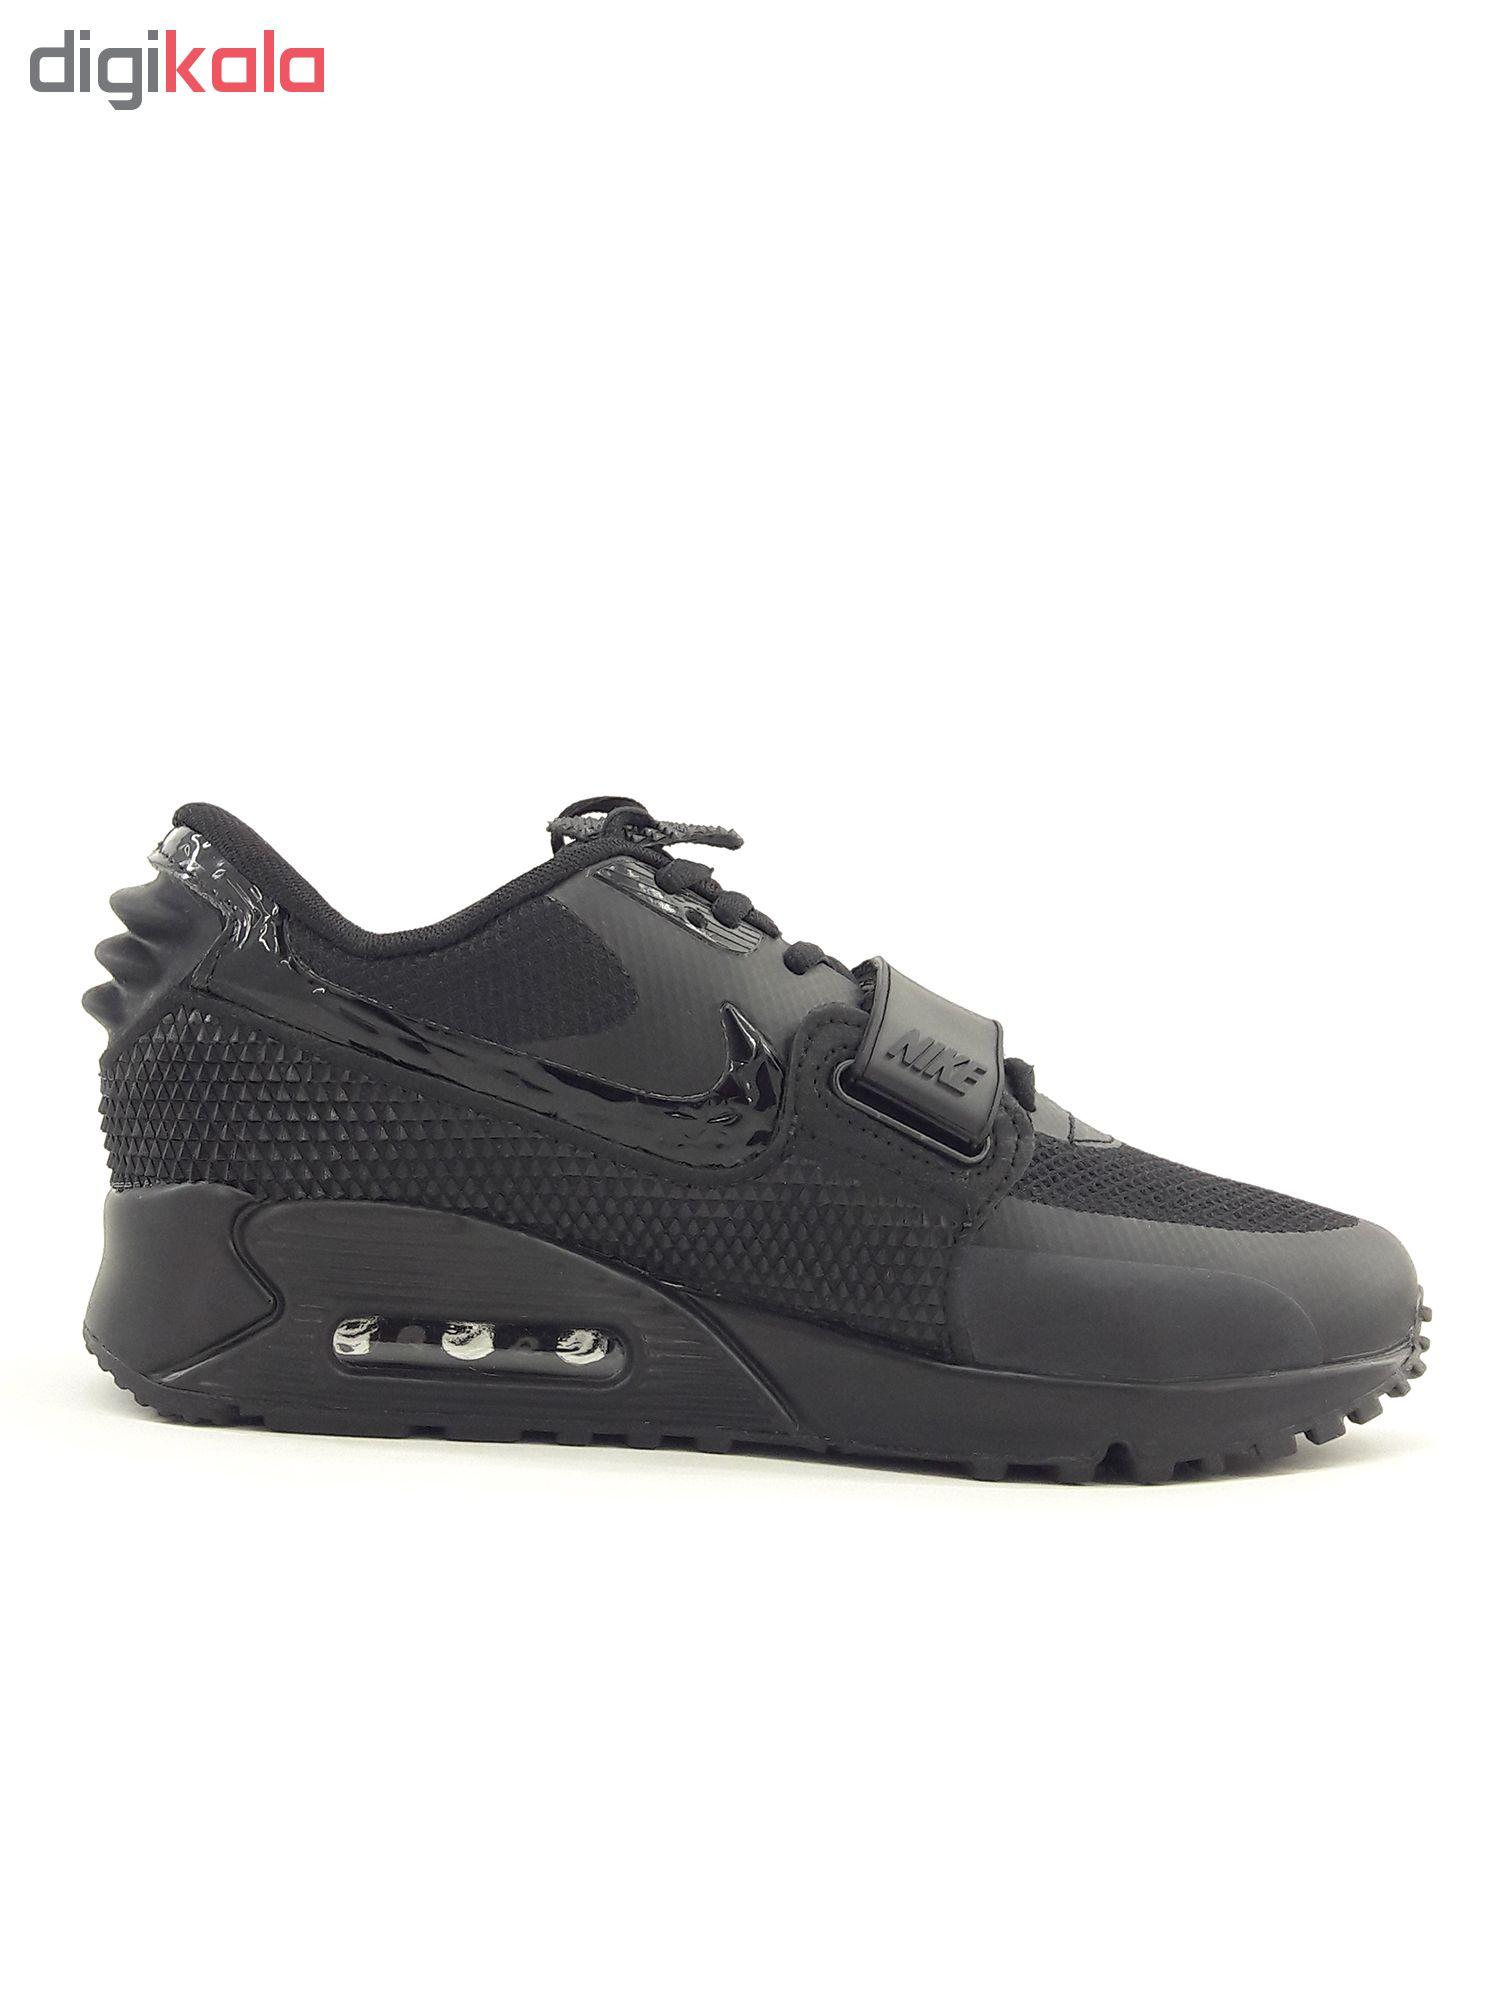 کفش راحتی زنانه نایکی مدل Yeezy 2 sp 508214-602